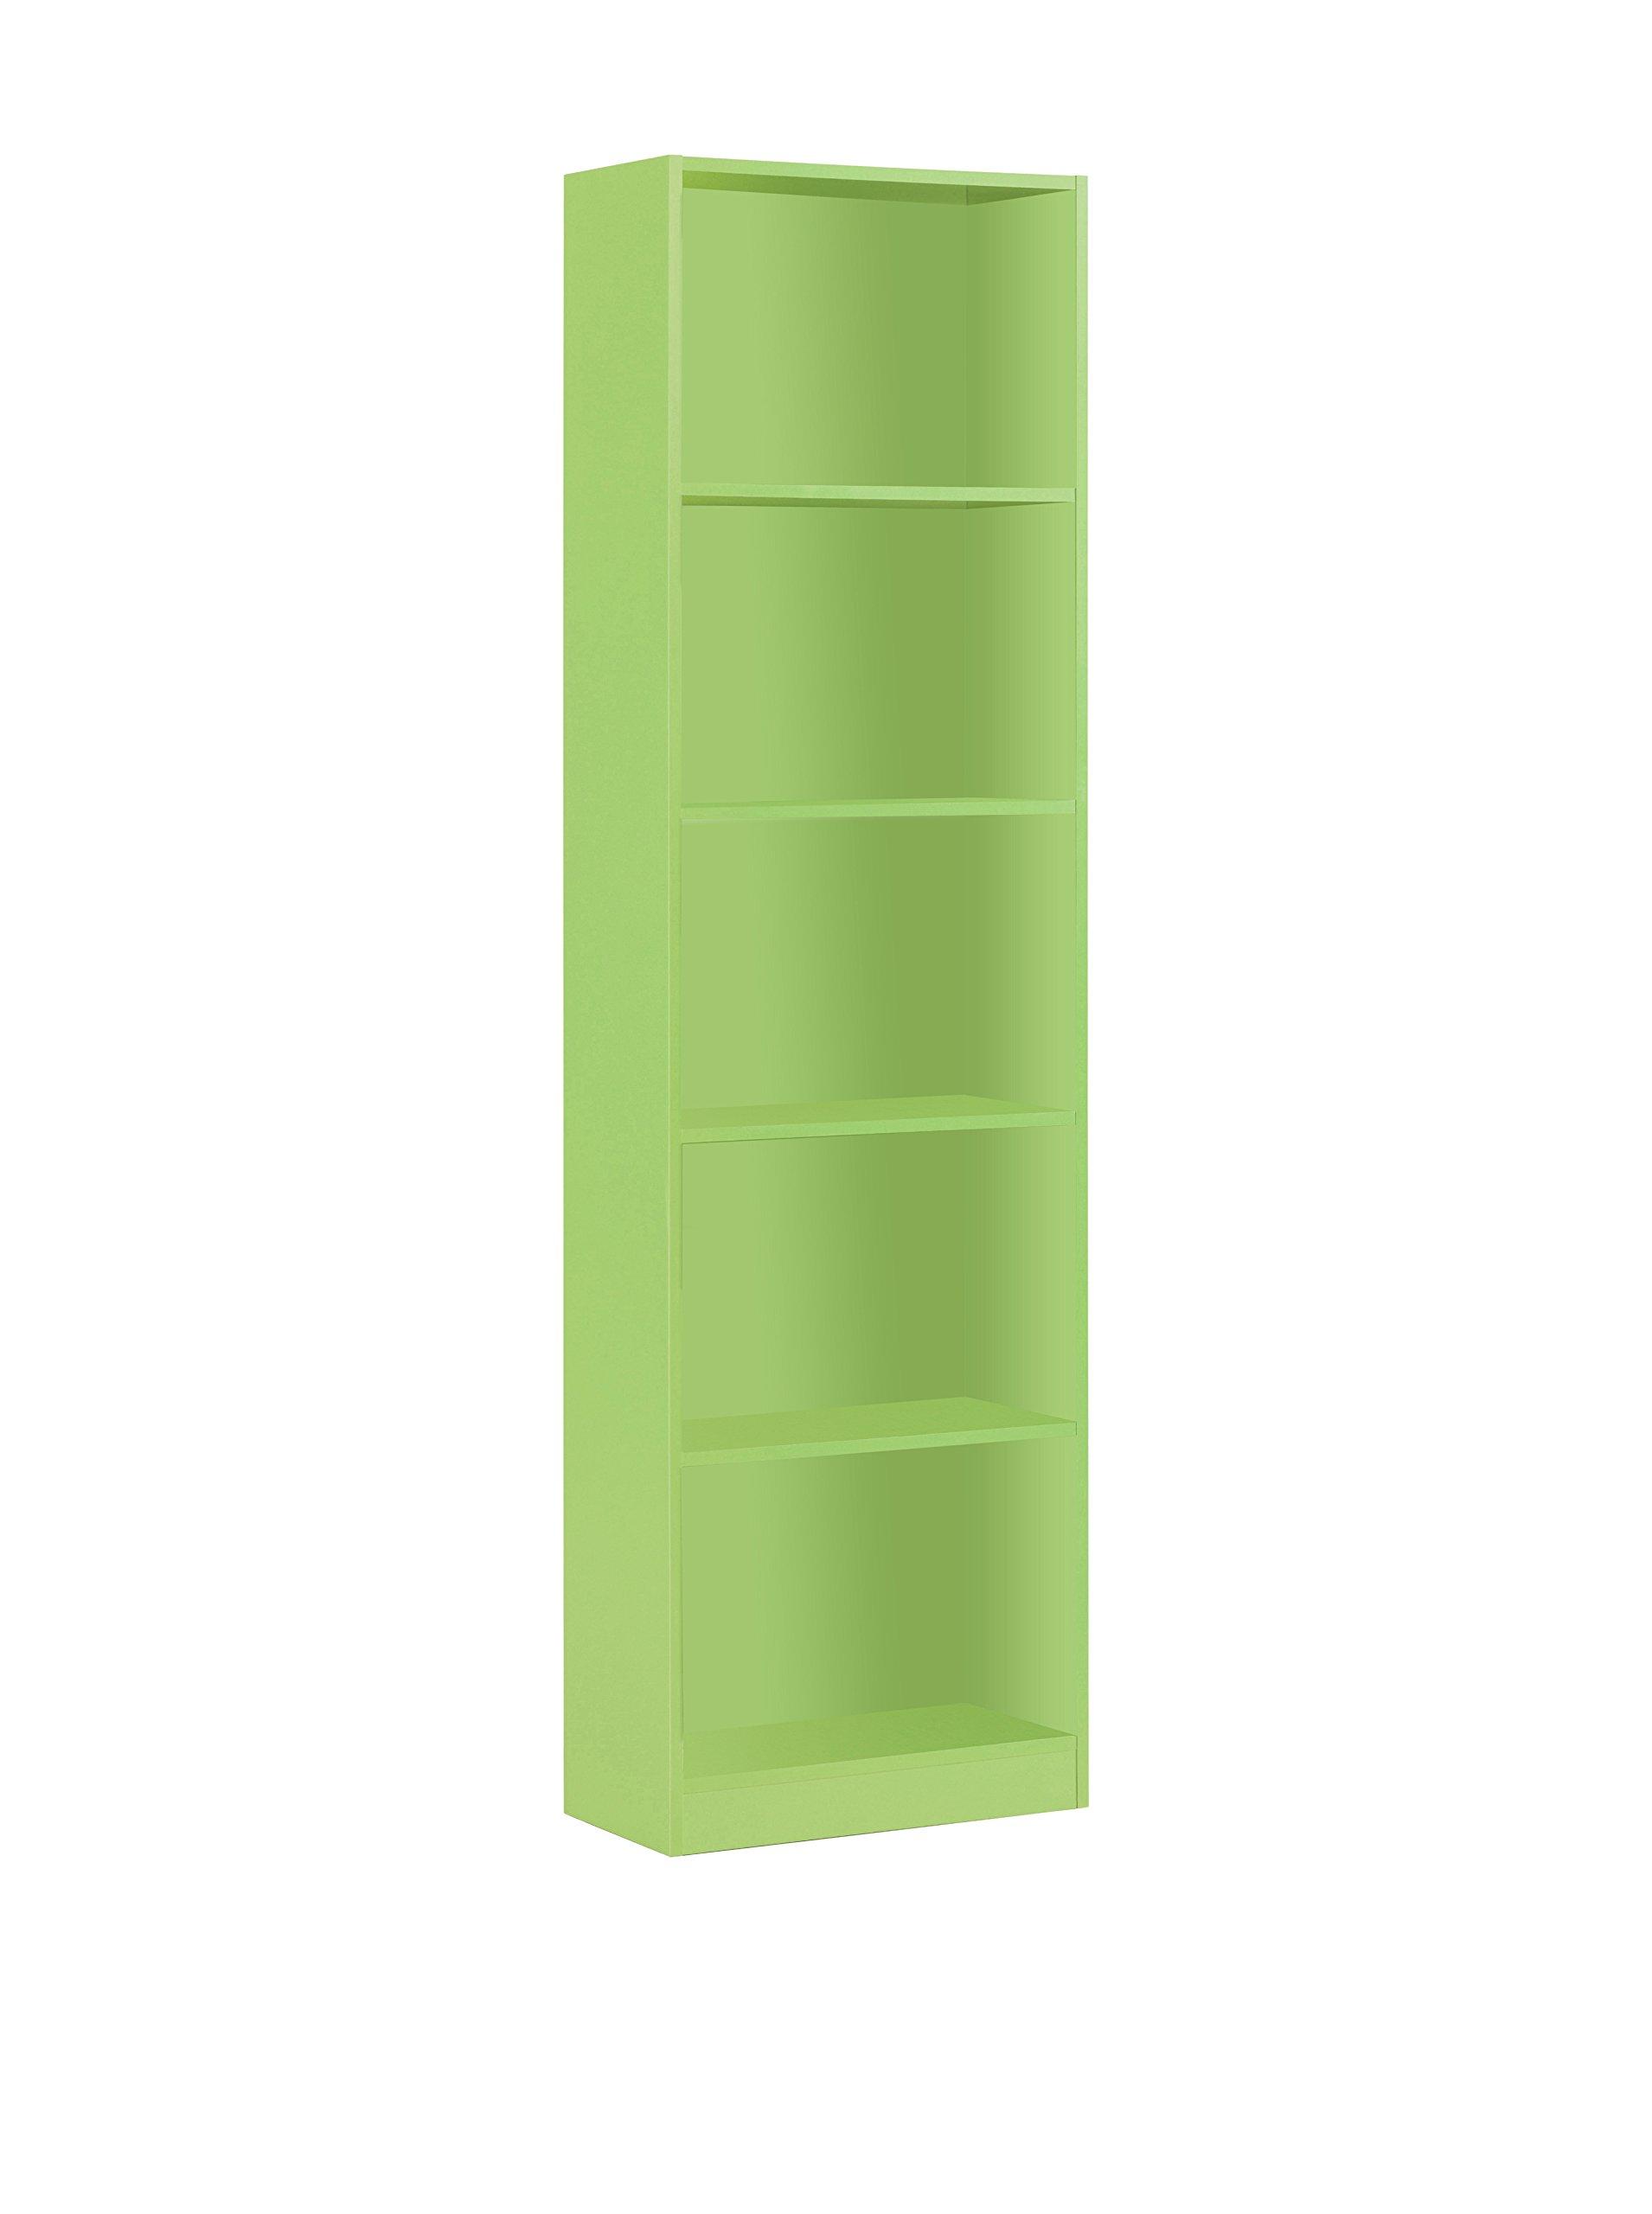 Habitdesign 005422V - Estantería juvenil 6 baldas color verde, dimensiones 180x52x25 cm product image